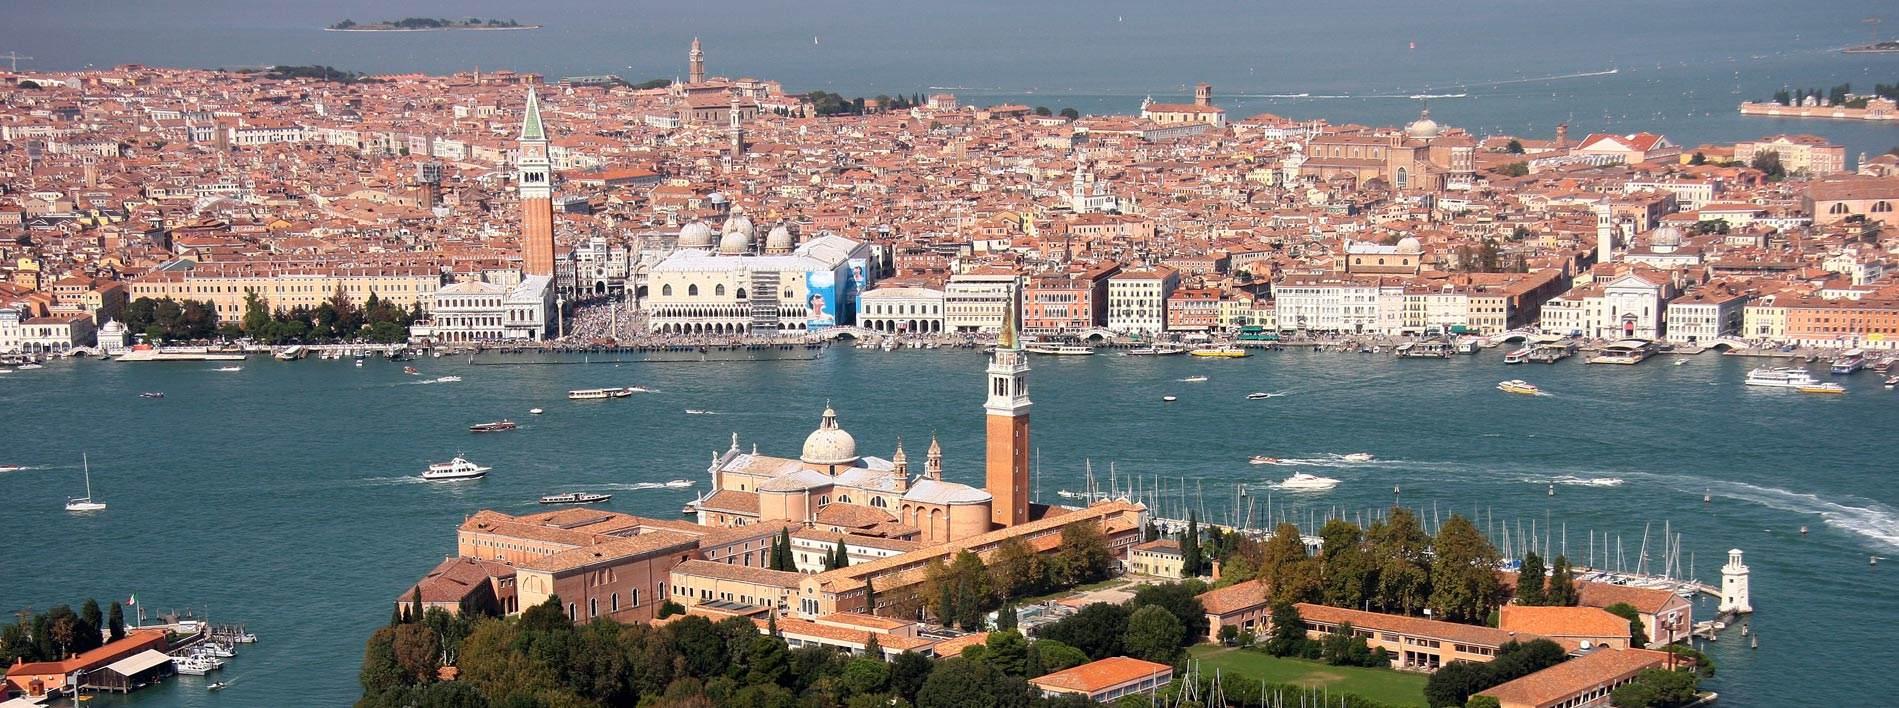 Hotel Mestre - Hotel Trieste - Offisielt nettsted - hotell i Mestre - hoteller i nærheten av Venice Mestre Italia